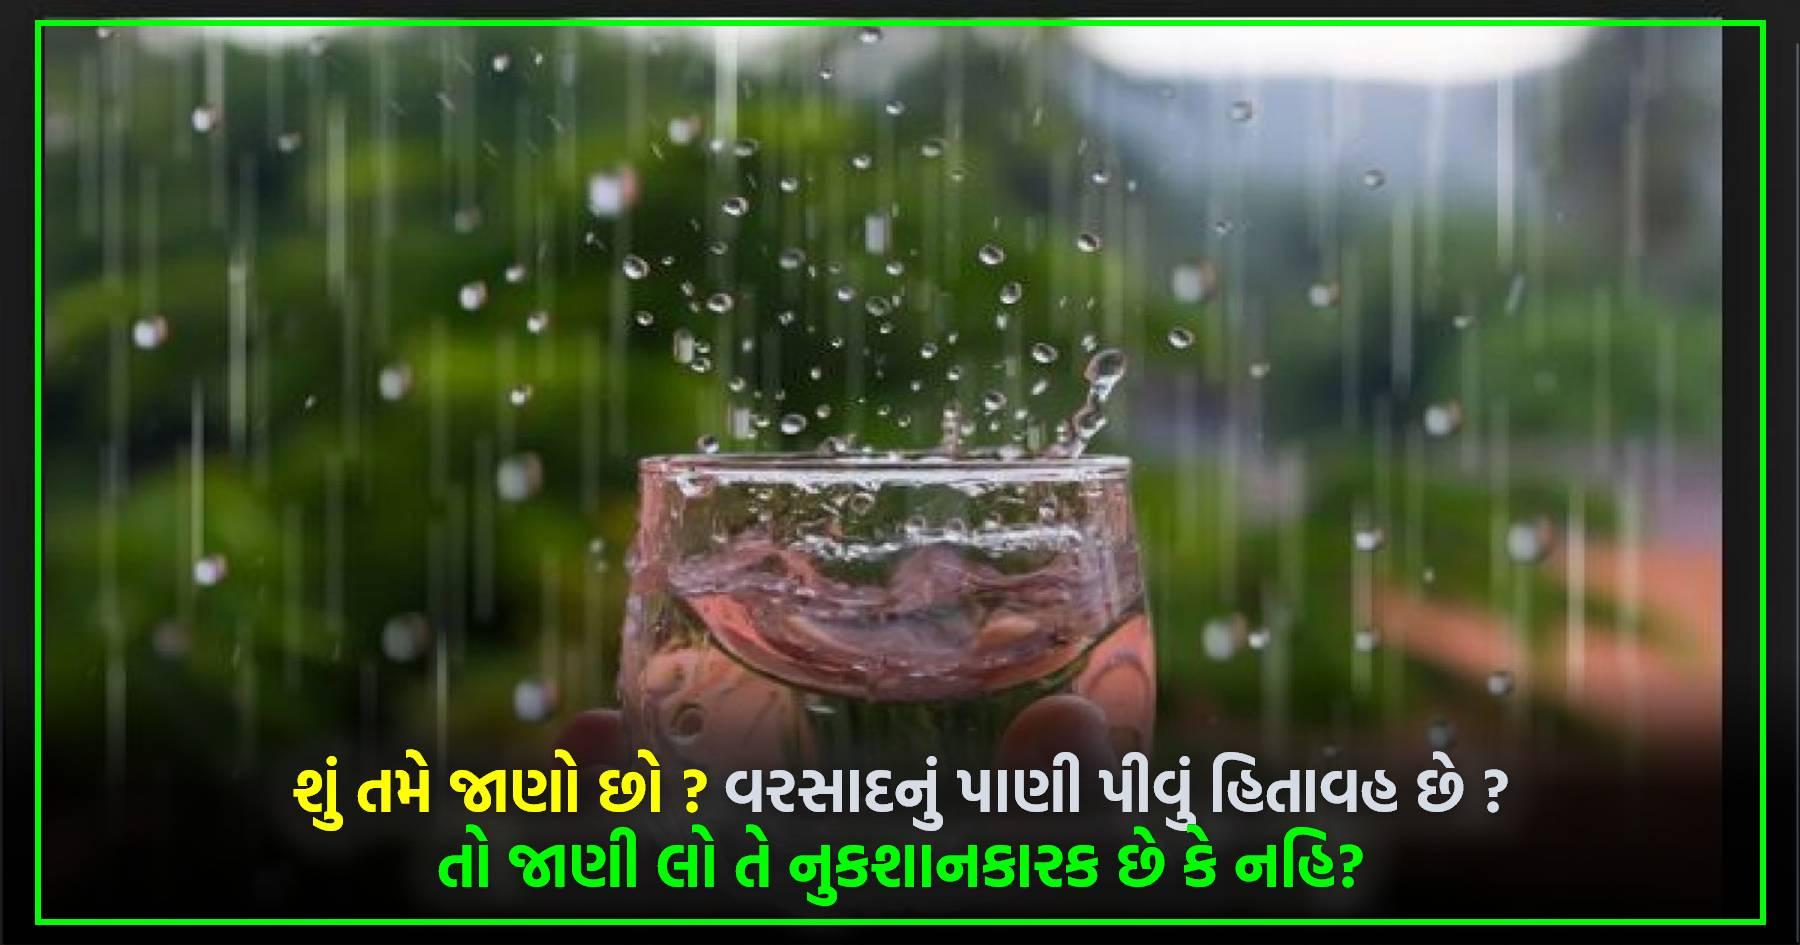 શું તમે જાણો છો ? વરસાદનું પાણી પીવું હિતાવહ છે ? તો જાણી લો તે નુકશાનકારક છે કે નહિ?